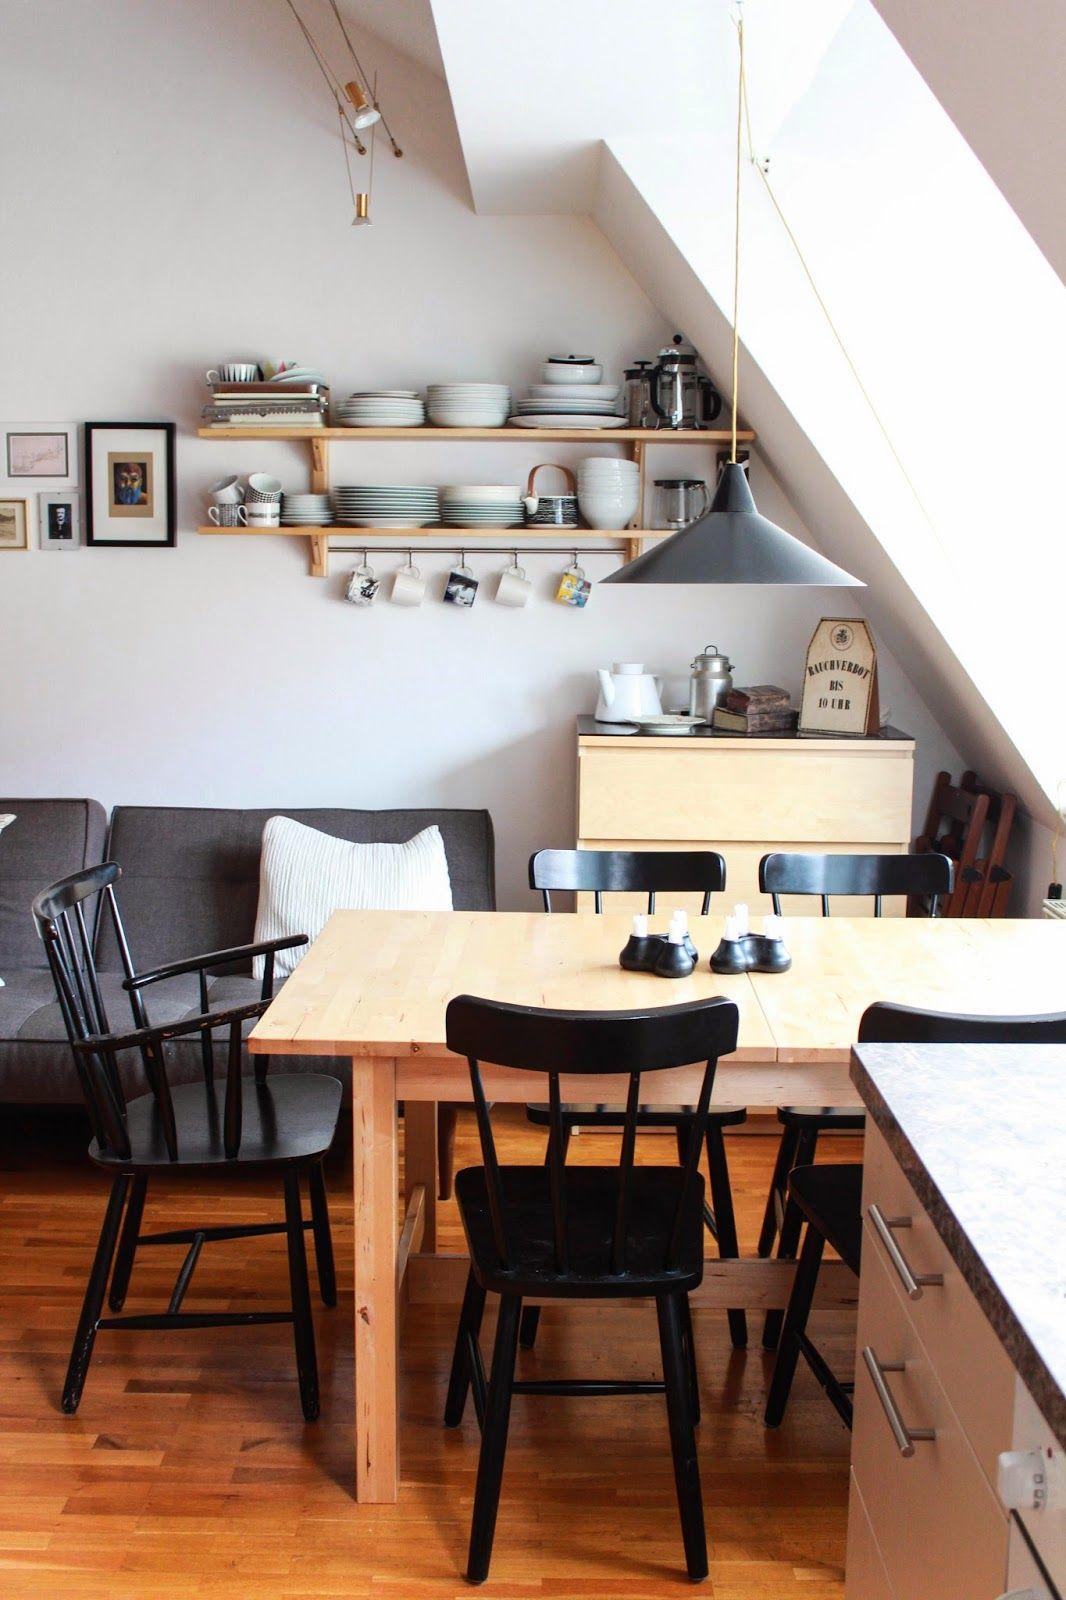 sofa in k che regale mit geschirr w nde nutzen. Black Bedroom Furniture Sets. Home Design Ideas